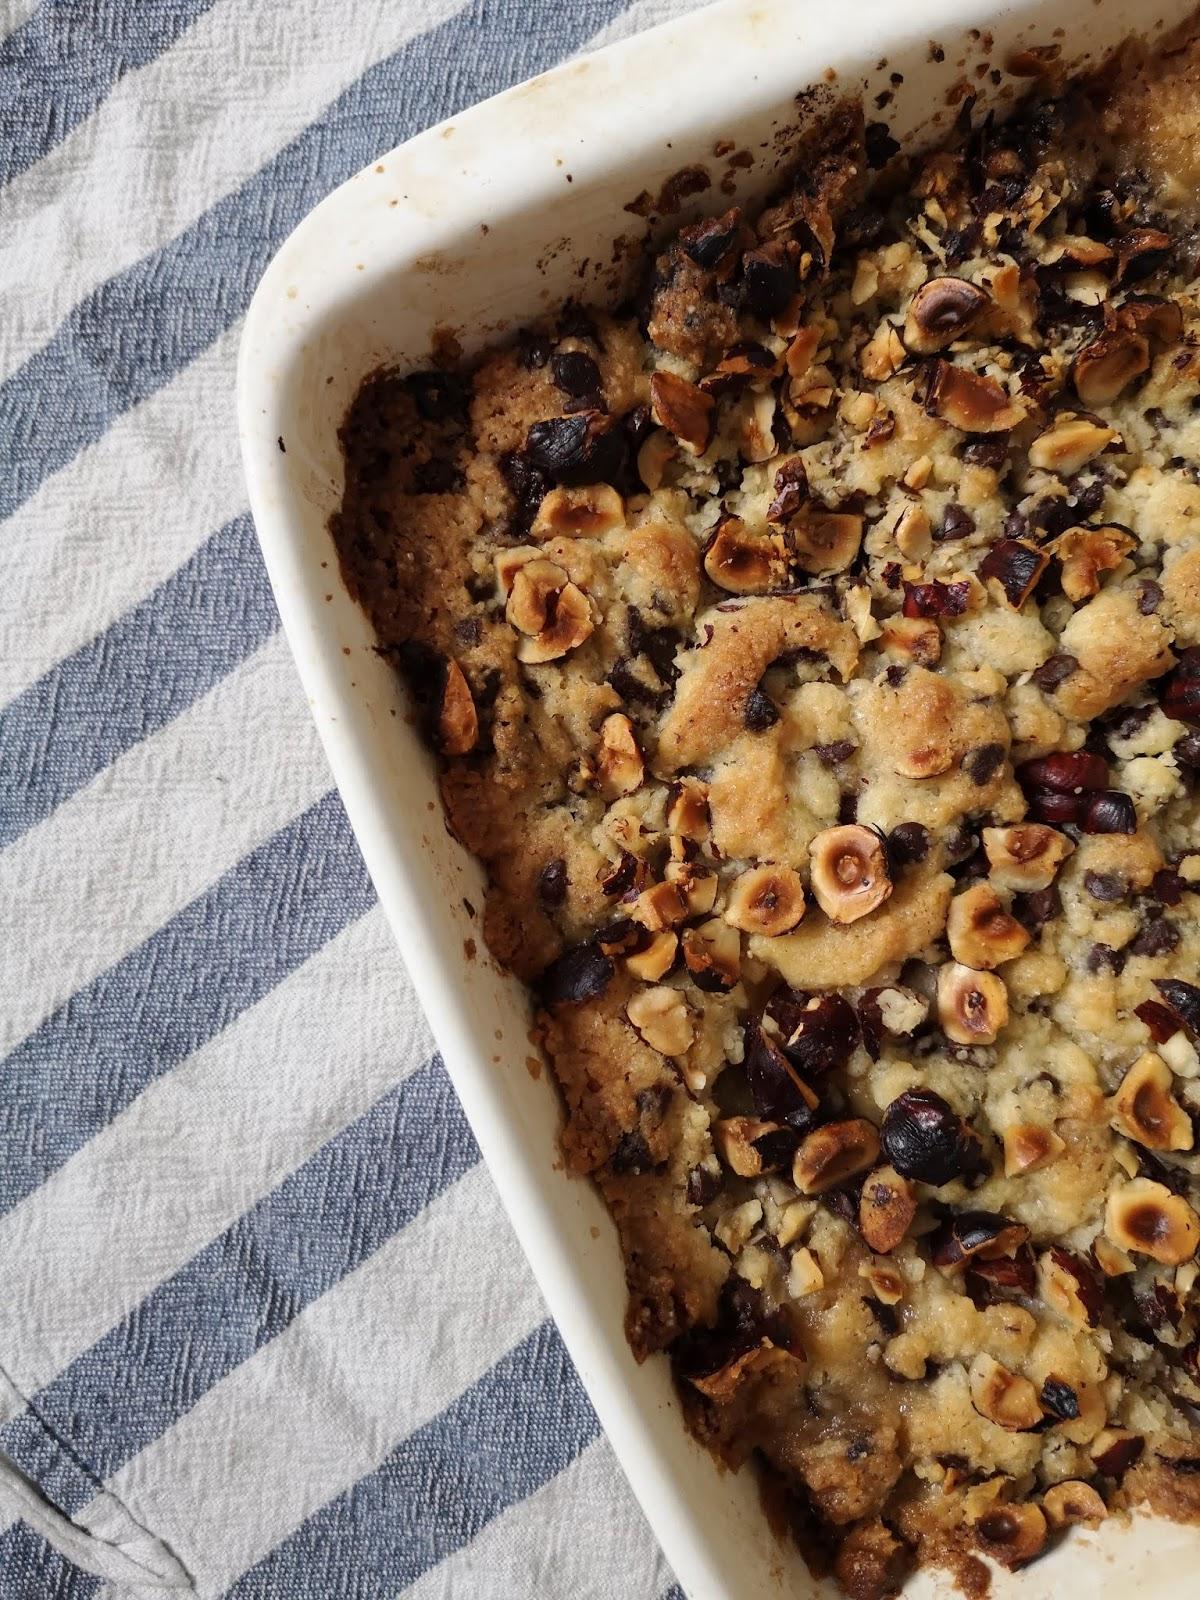 recette-crumble-chocolat-poire-noisette